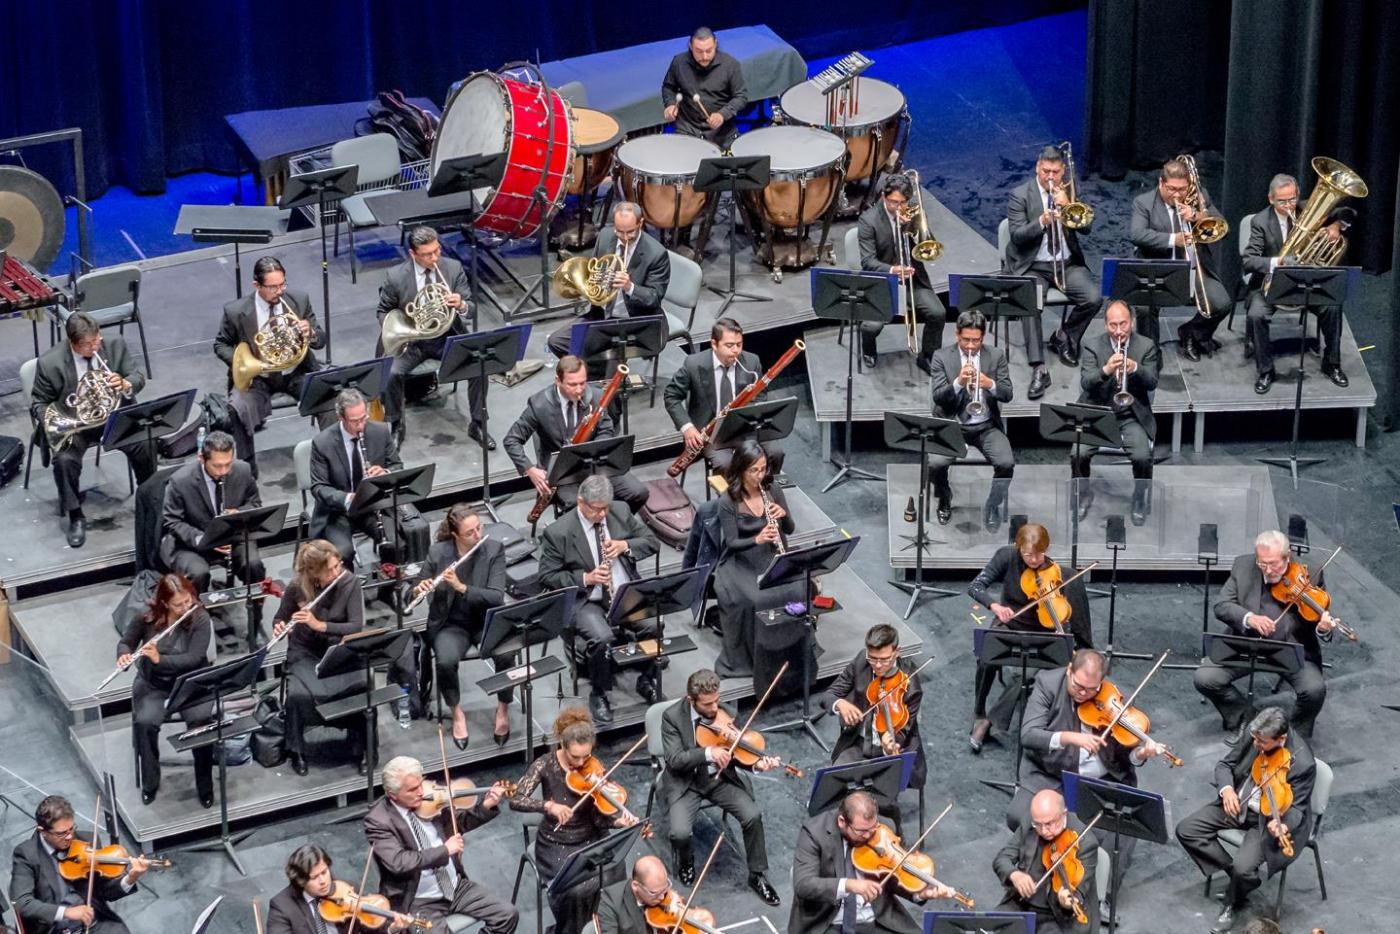 Photo of OFEQ comienza temporada de conciertos navideños